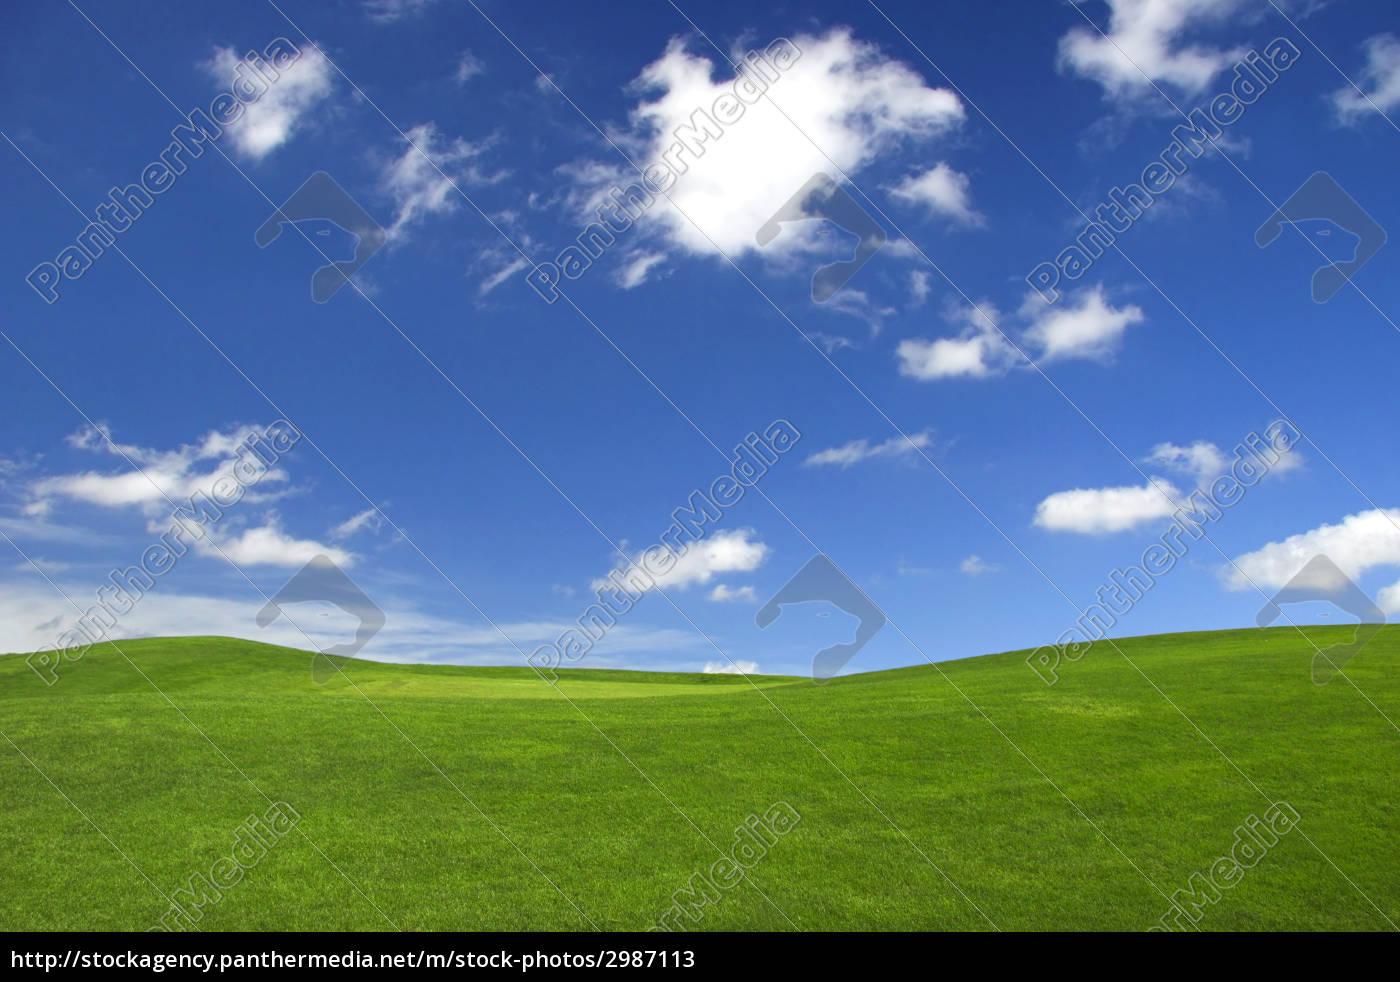 spring, landscape - 2987113